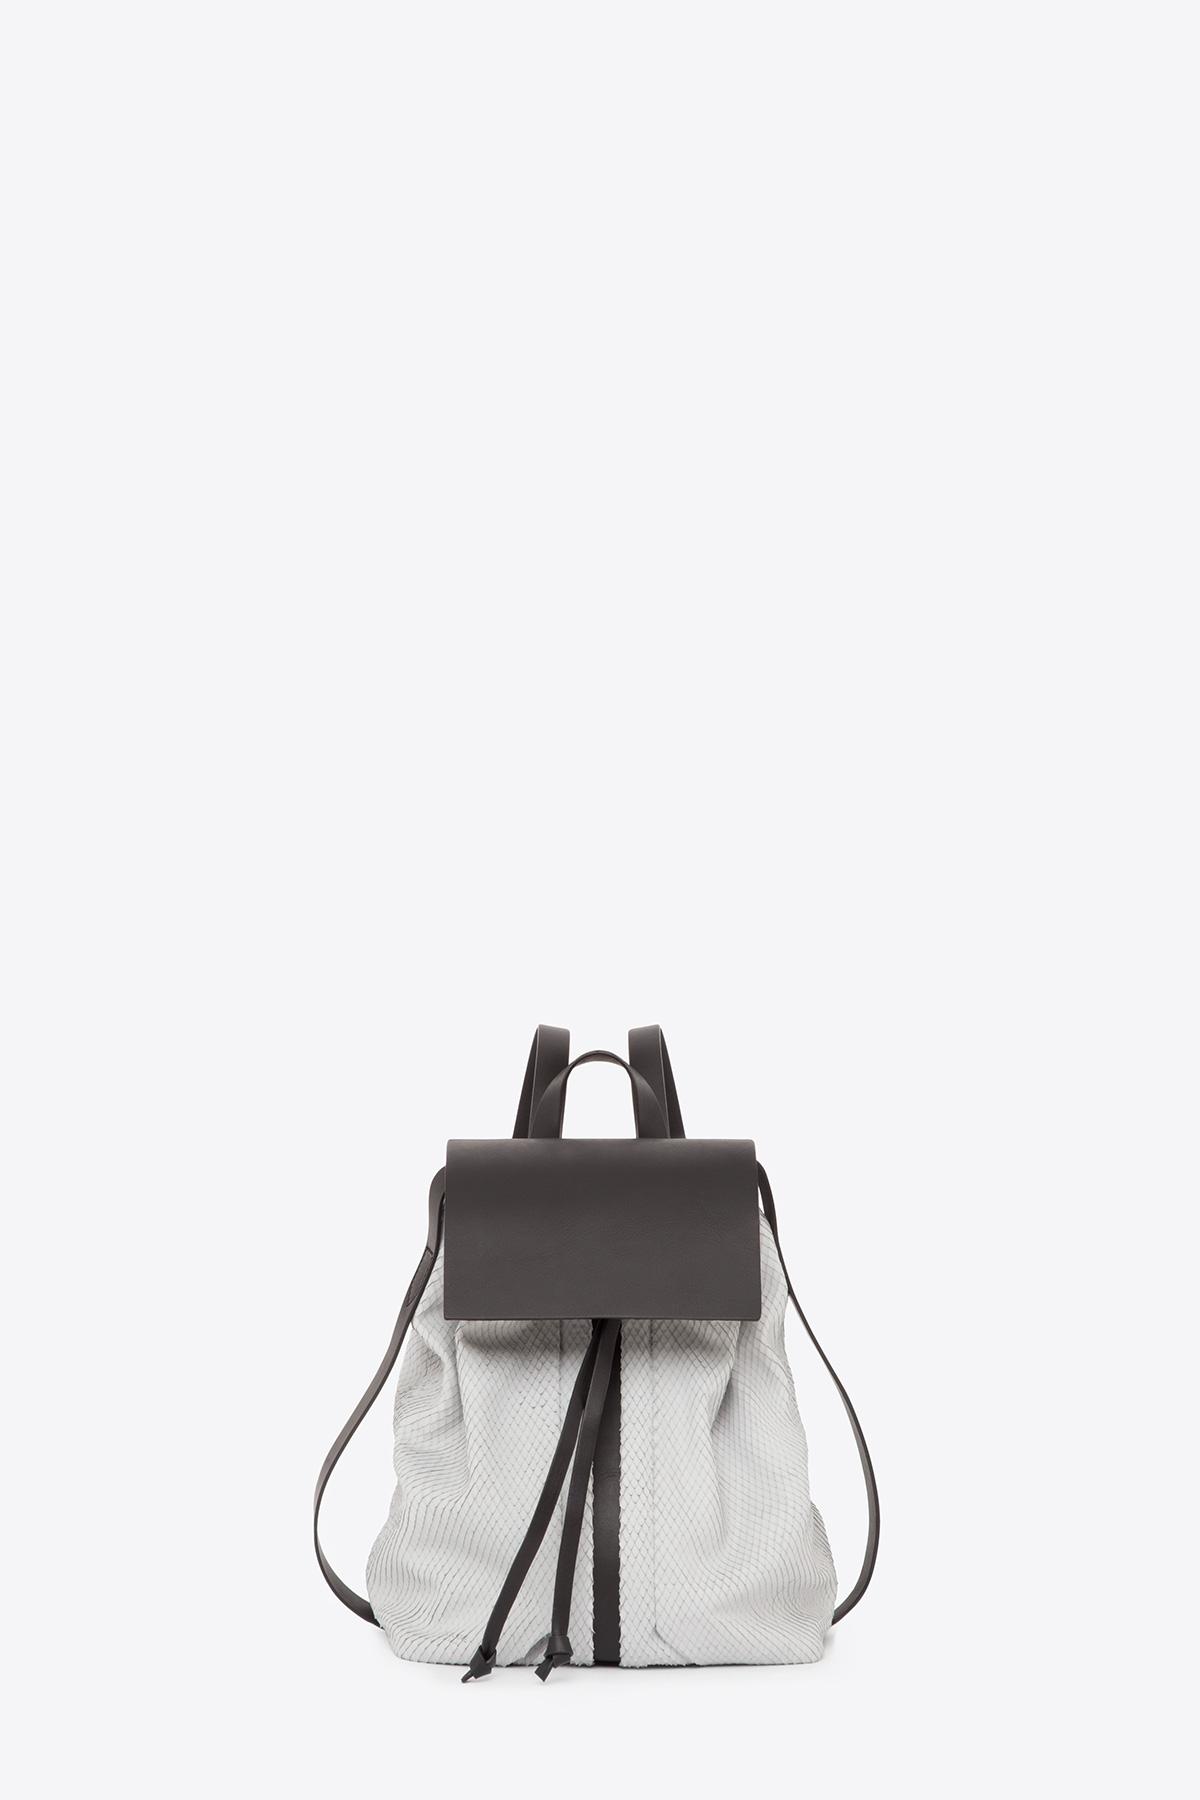 dclr009-b-backpack-a22-backsnakefoggrey-front